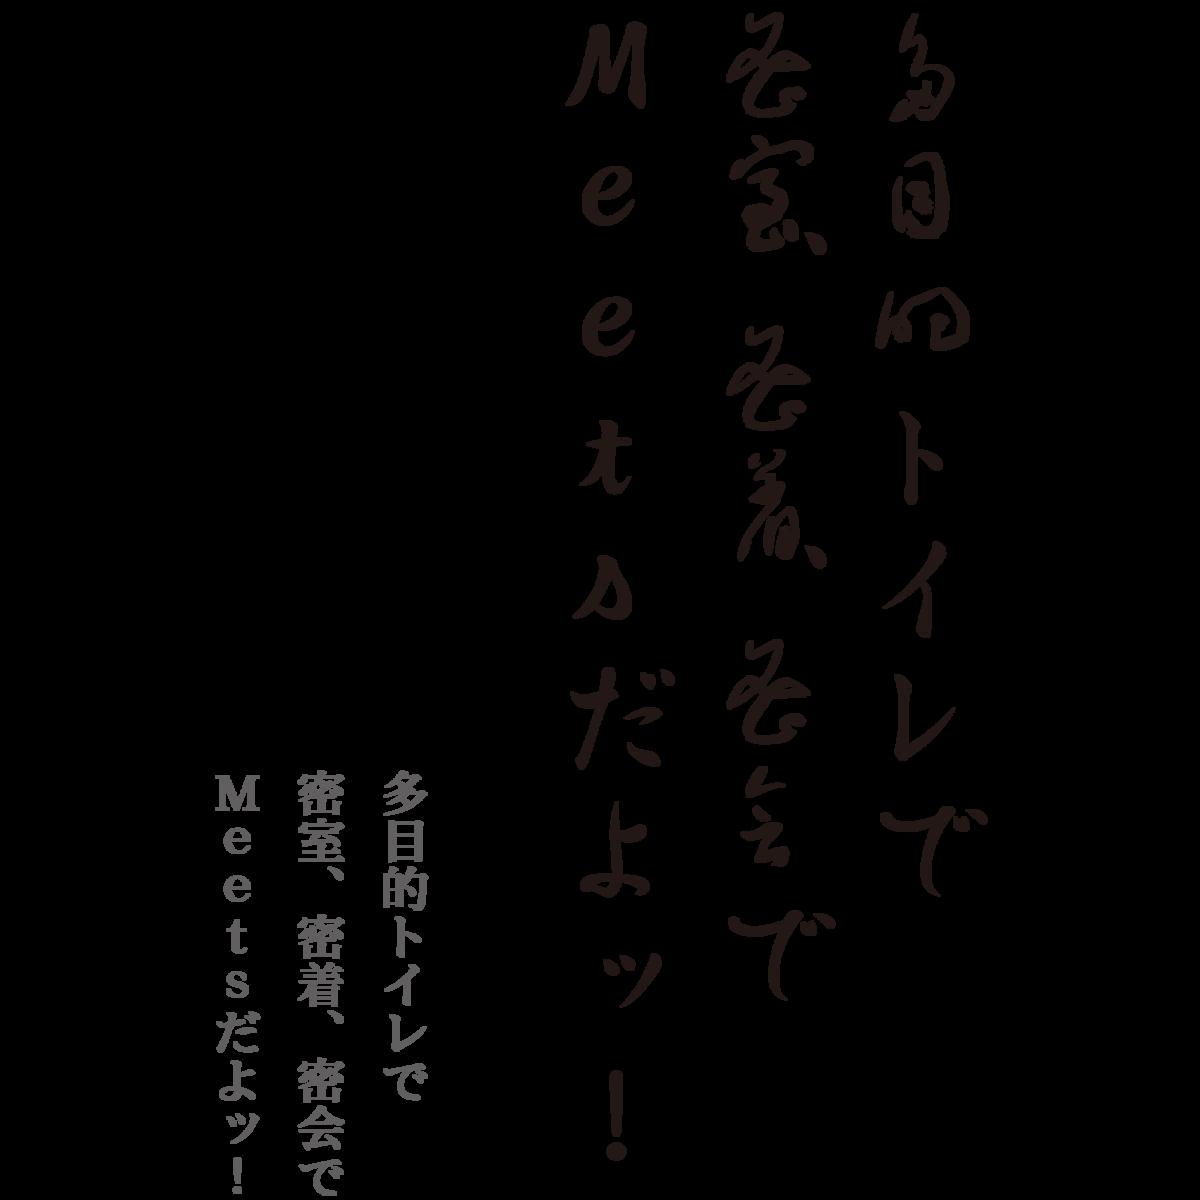 f:id:mojiru:20201216163350p:plain